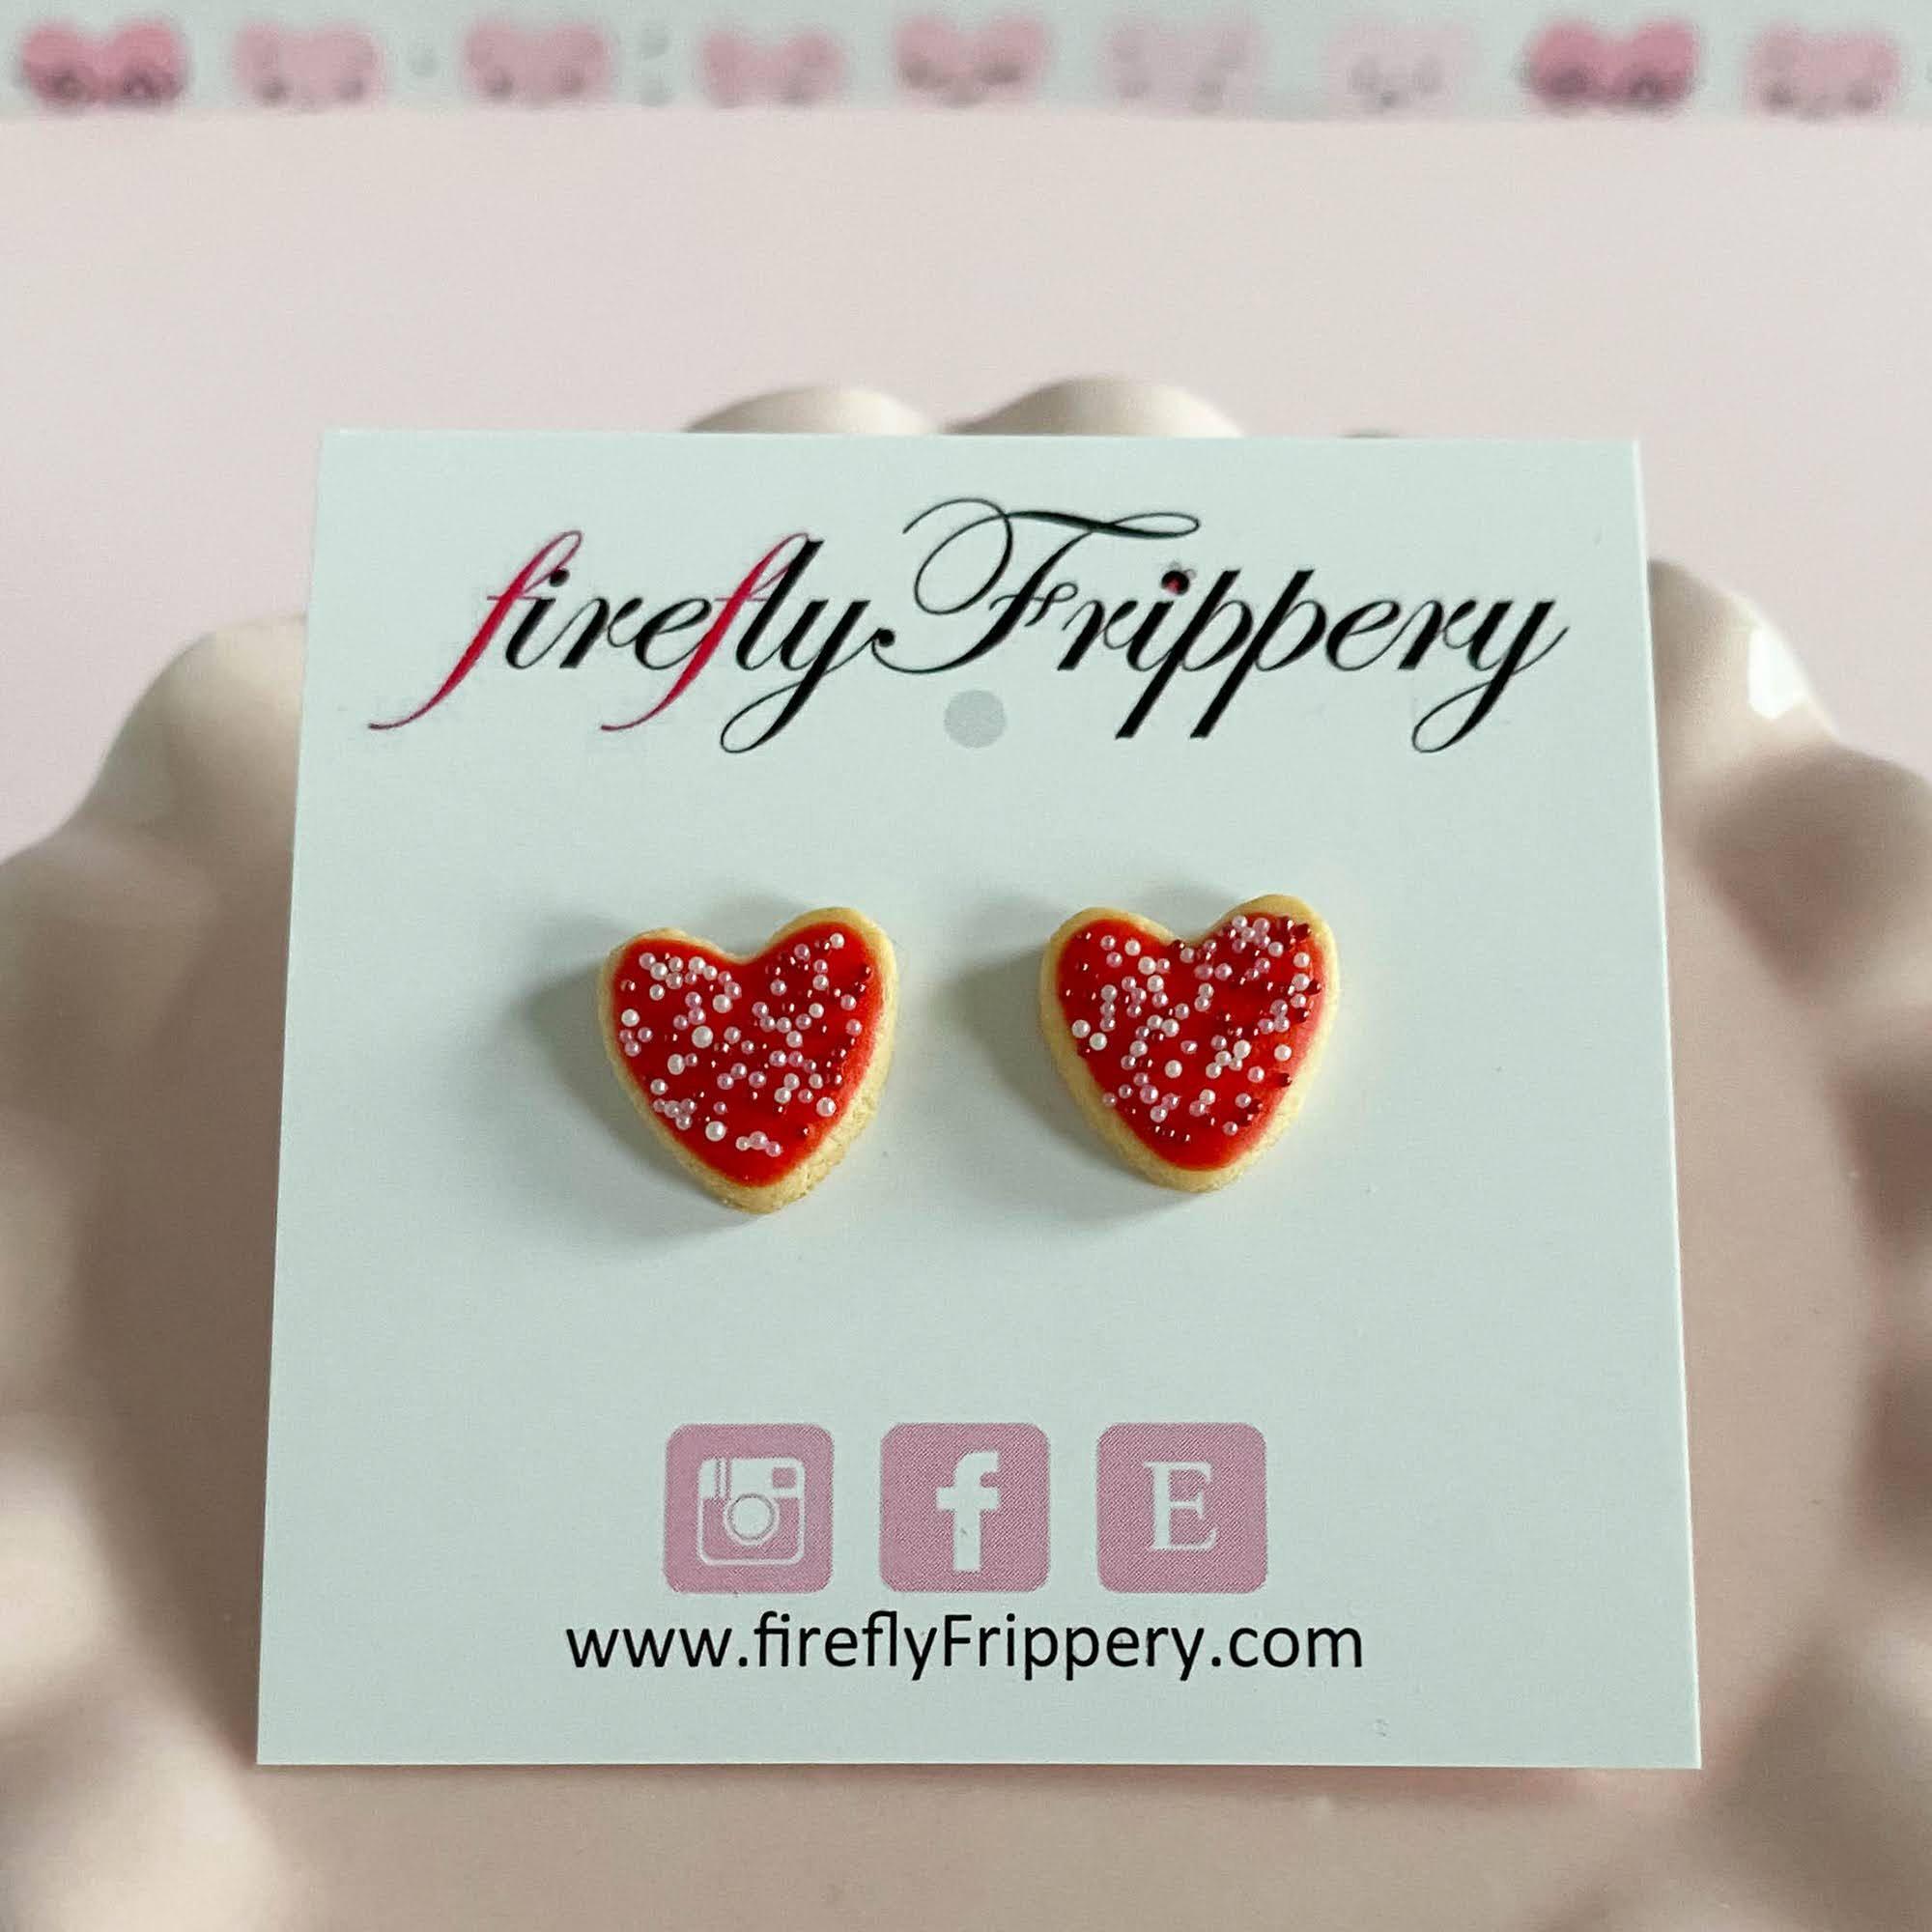 fireflyFrippery Red Heart Sugar Cookie Earrings on Card